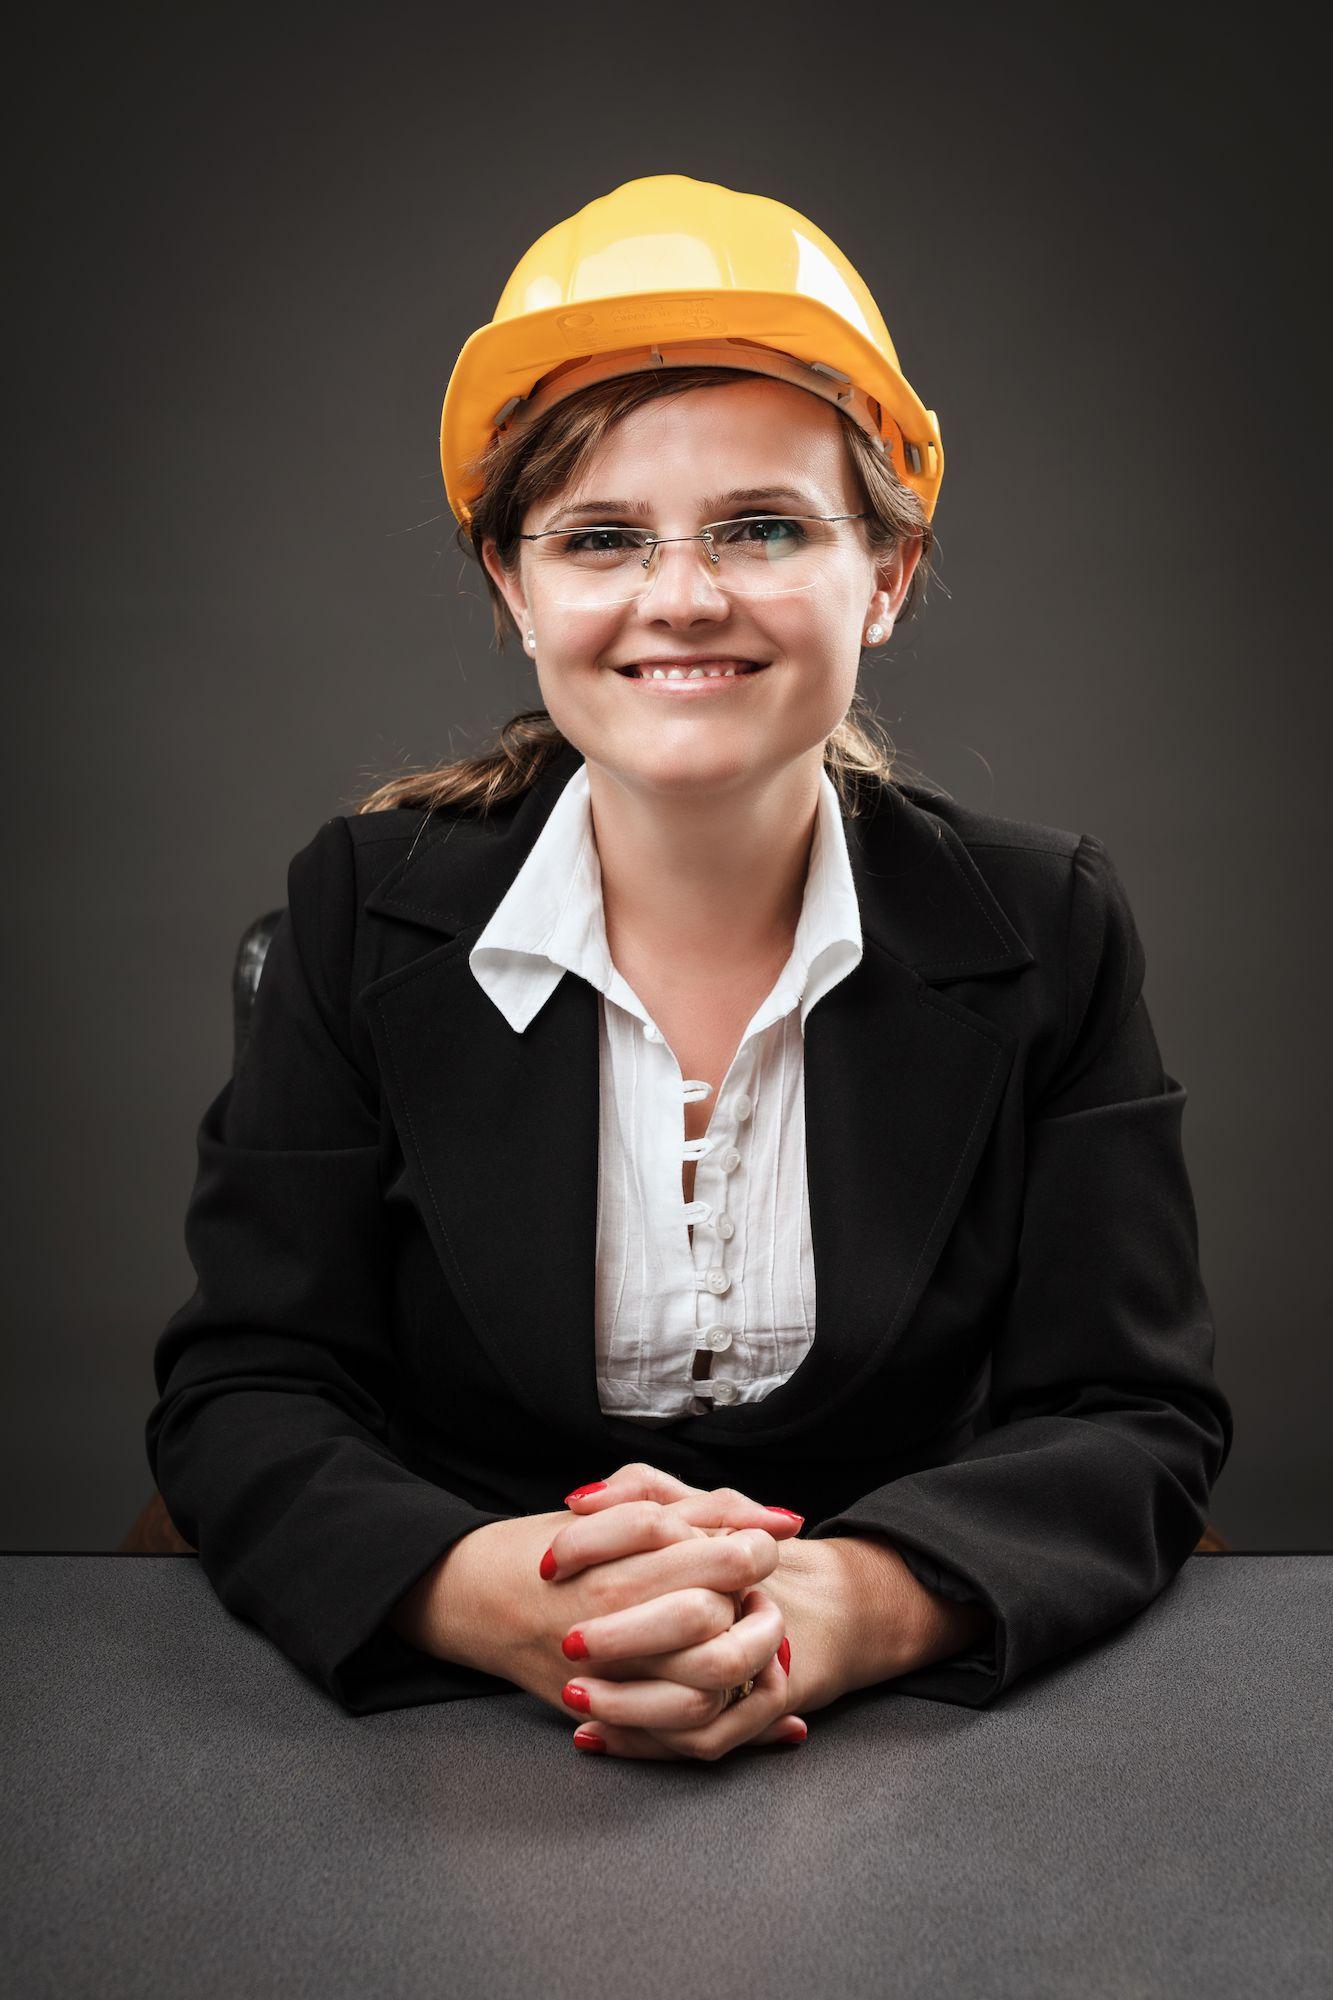 Vrouw met bouwhelm